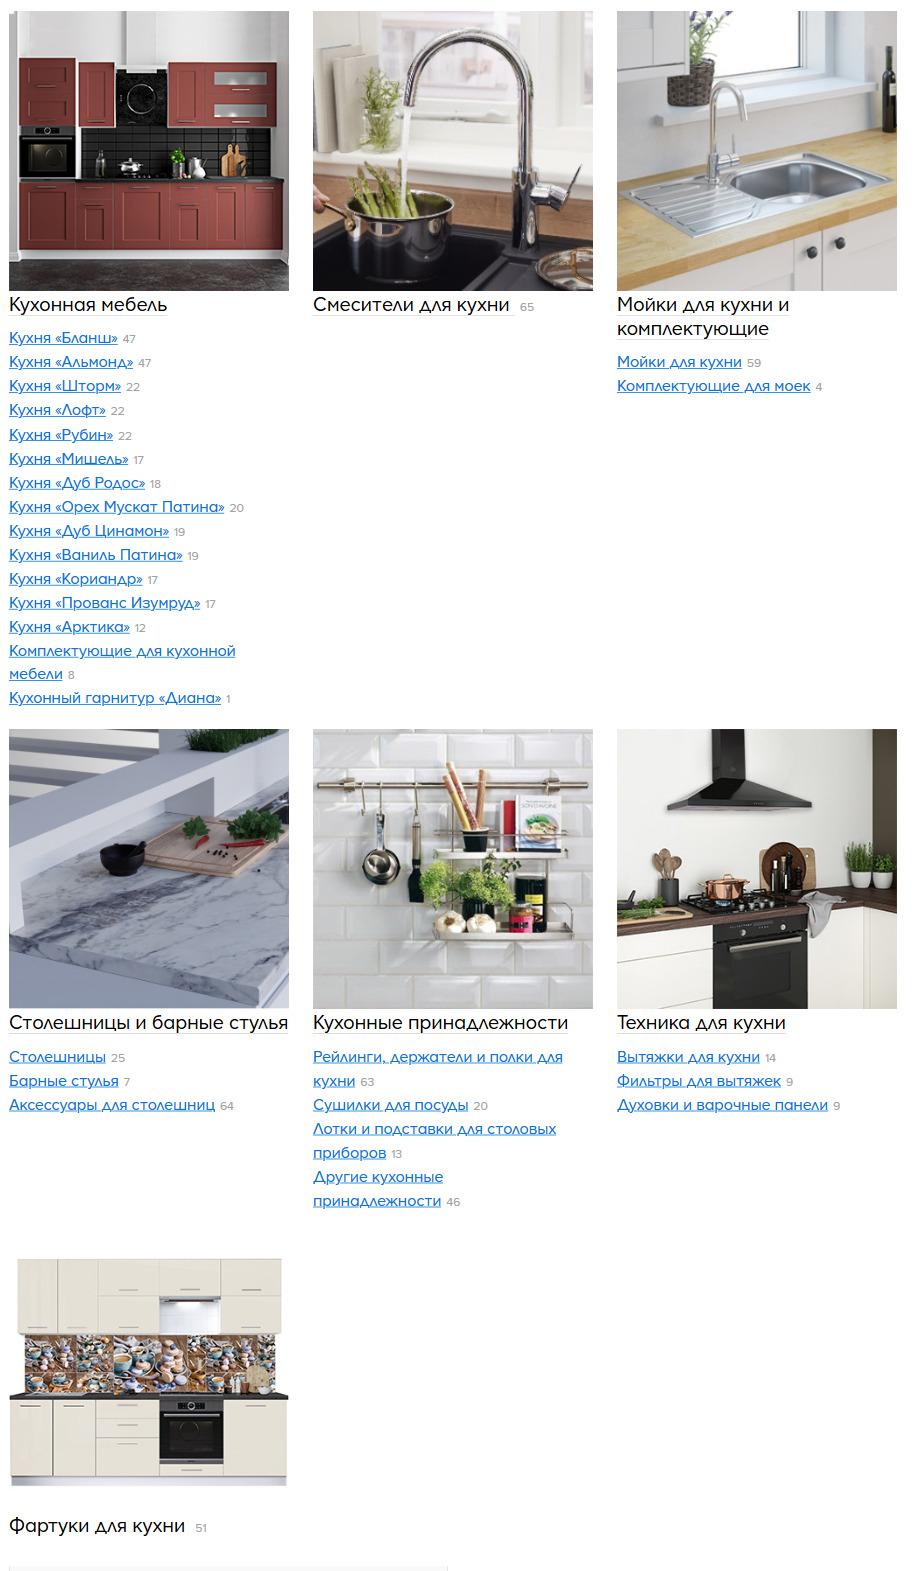 Кухни в Касторама 1